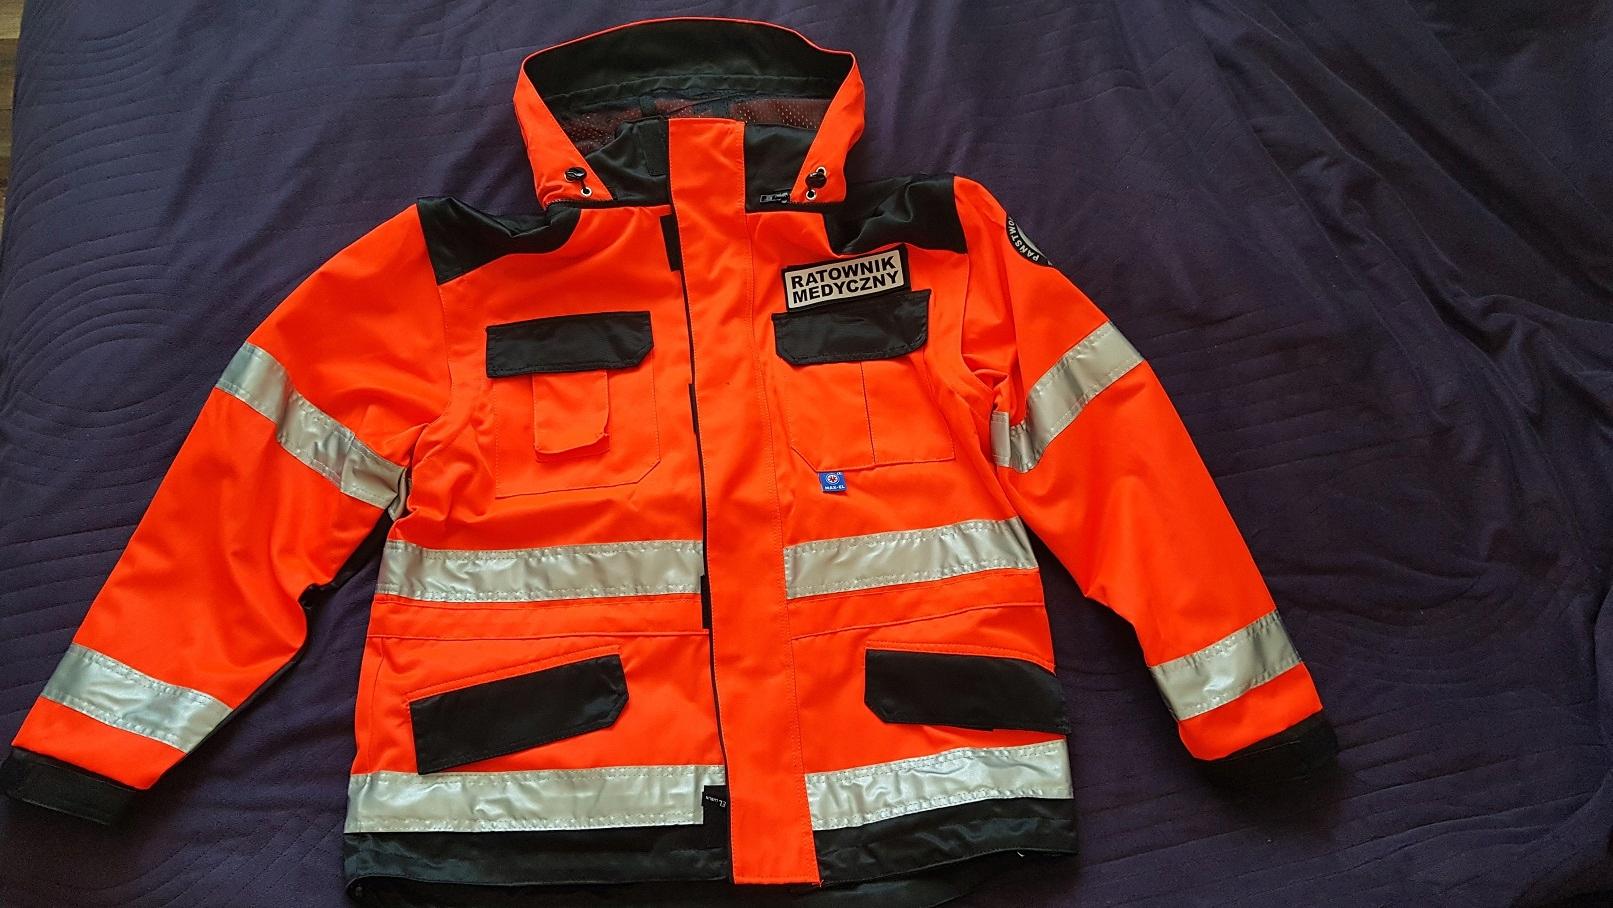 Kpl ratownik medyczny, kurtka, polar, spodnie.